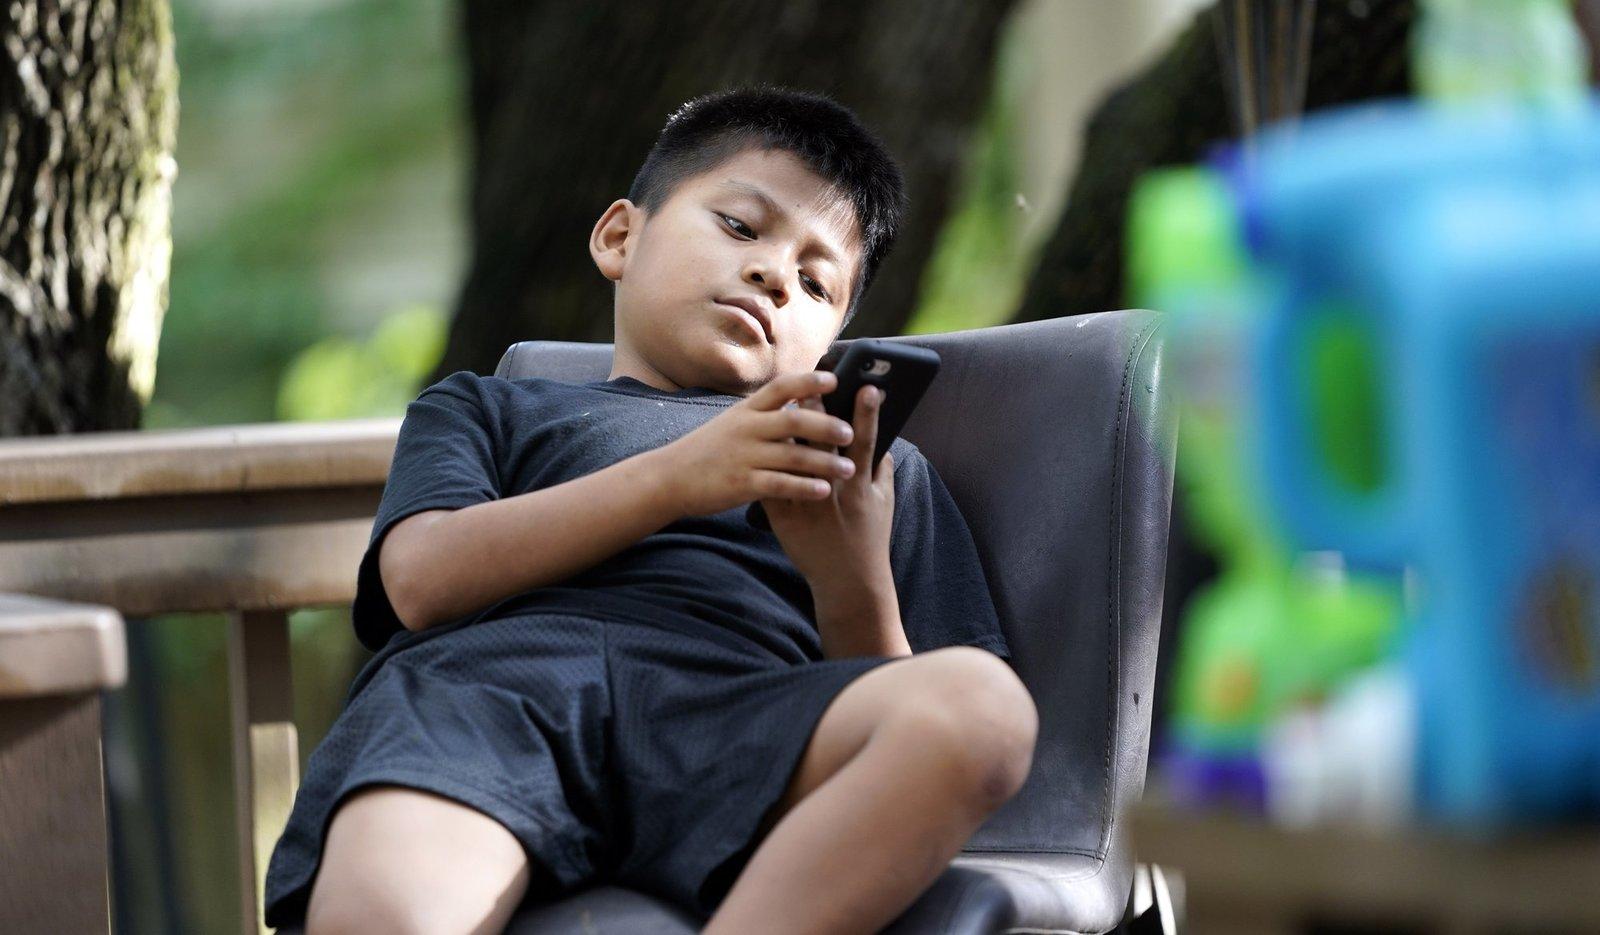 Juez ordena al Gobierno Trump parar la expulsión de menores no acompañados